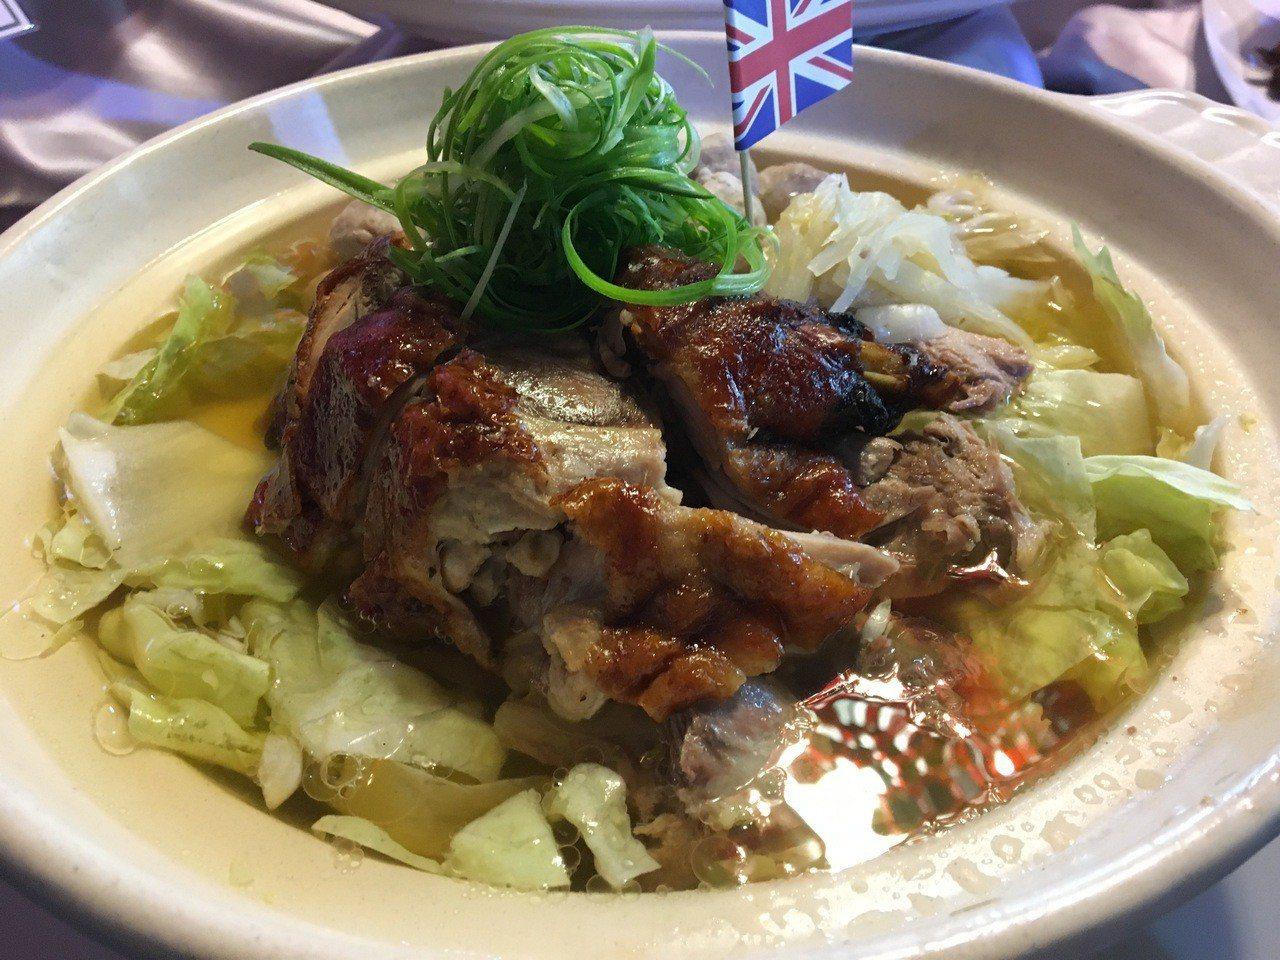 桃鴨套6人餐,共有8道菜,道道展現的都是粵式菜系的功夫菜,有自製的酸白菜鴨架煲。...